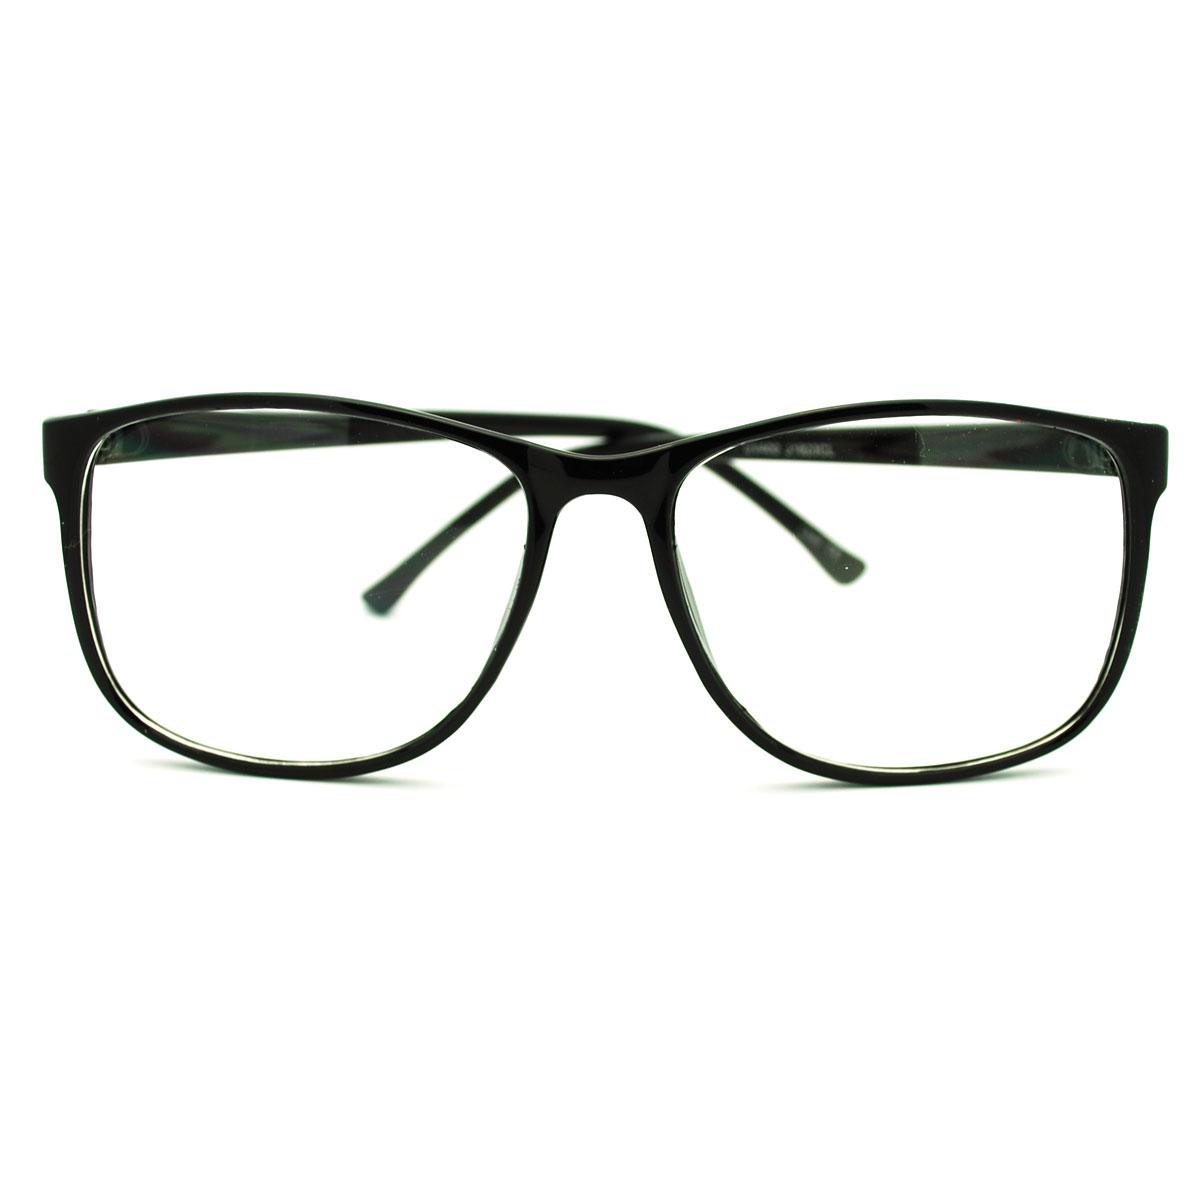 Retro Style nerdy Thin Plastic Frame Large Rectangular ...